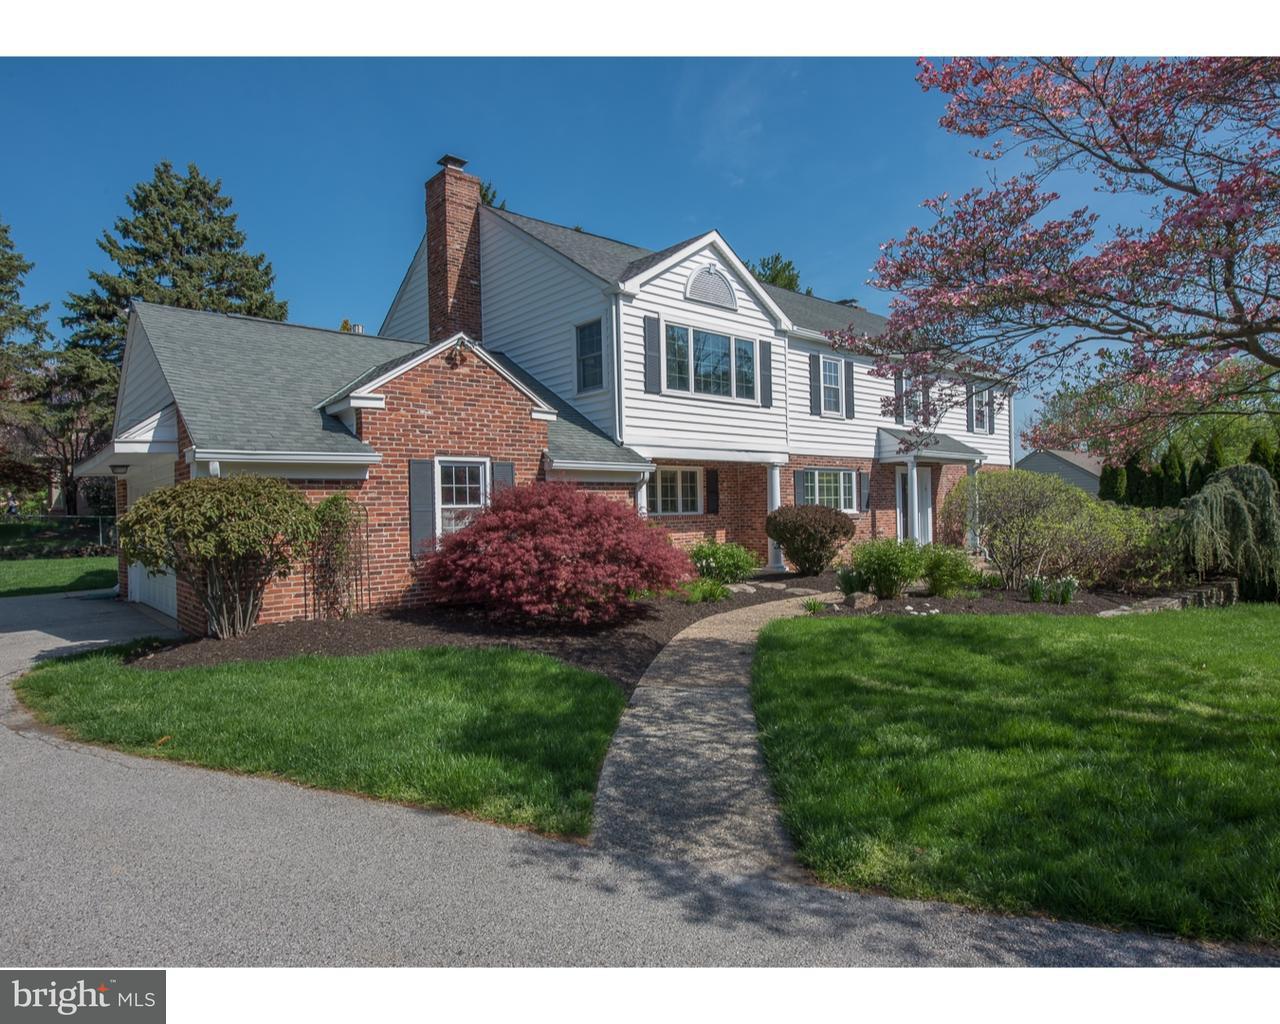 独户住宅 为 销售 在 1130 E TOWER LN E Narberth, 宾夕法尼亚州 19072 美国